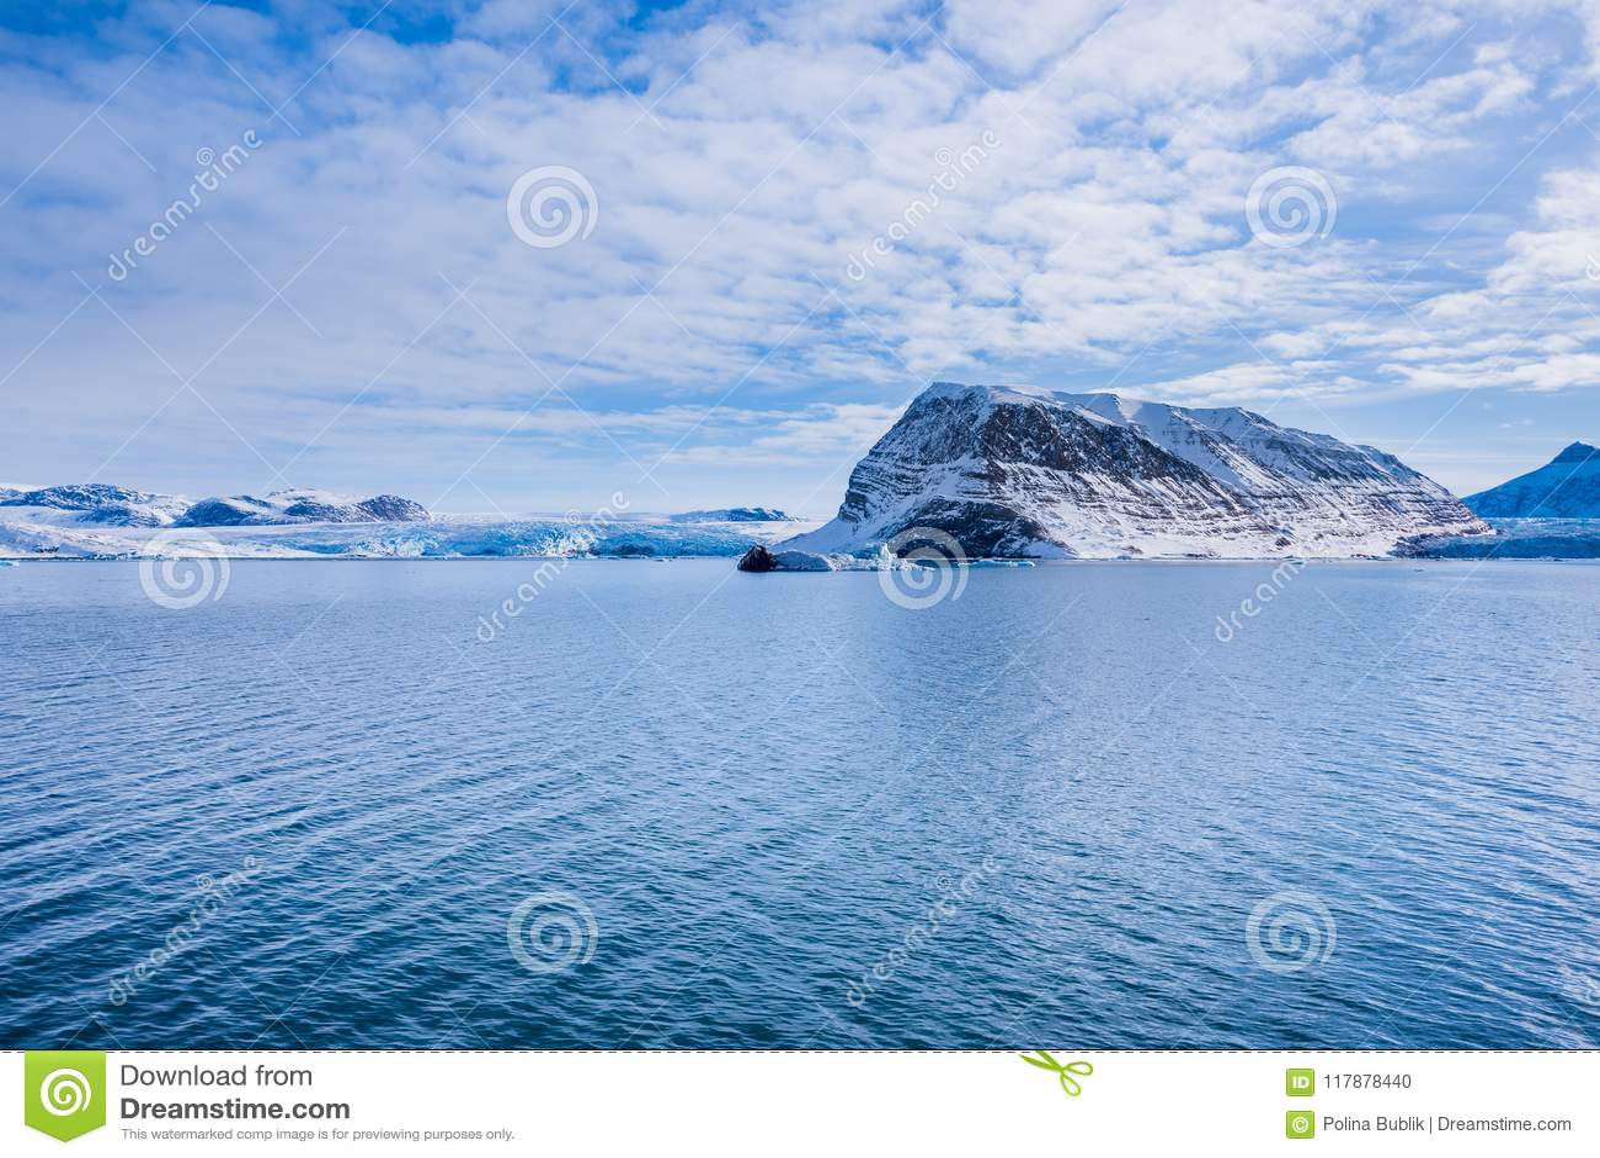 Landschapsaard van de bergen van zonsondergang van de de winter polaire dag van Spitsbergen Longyearbyen Svalbard de noordpool oc